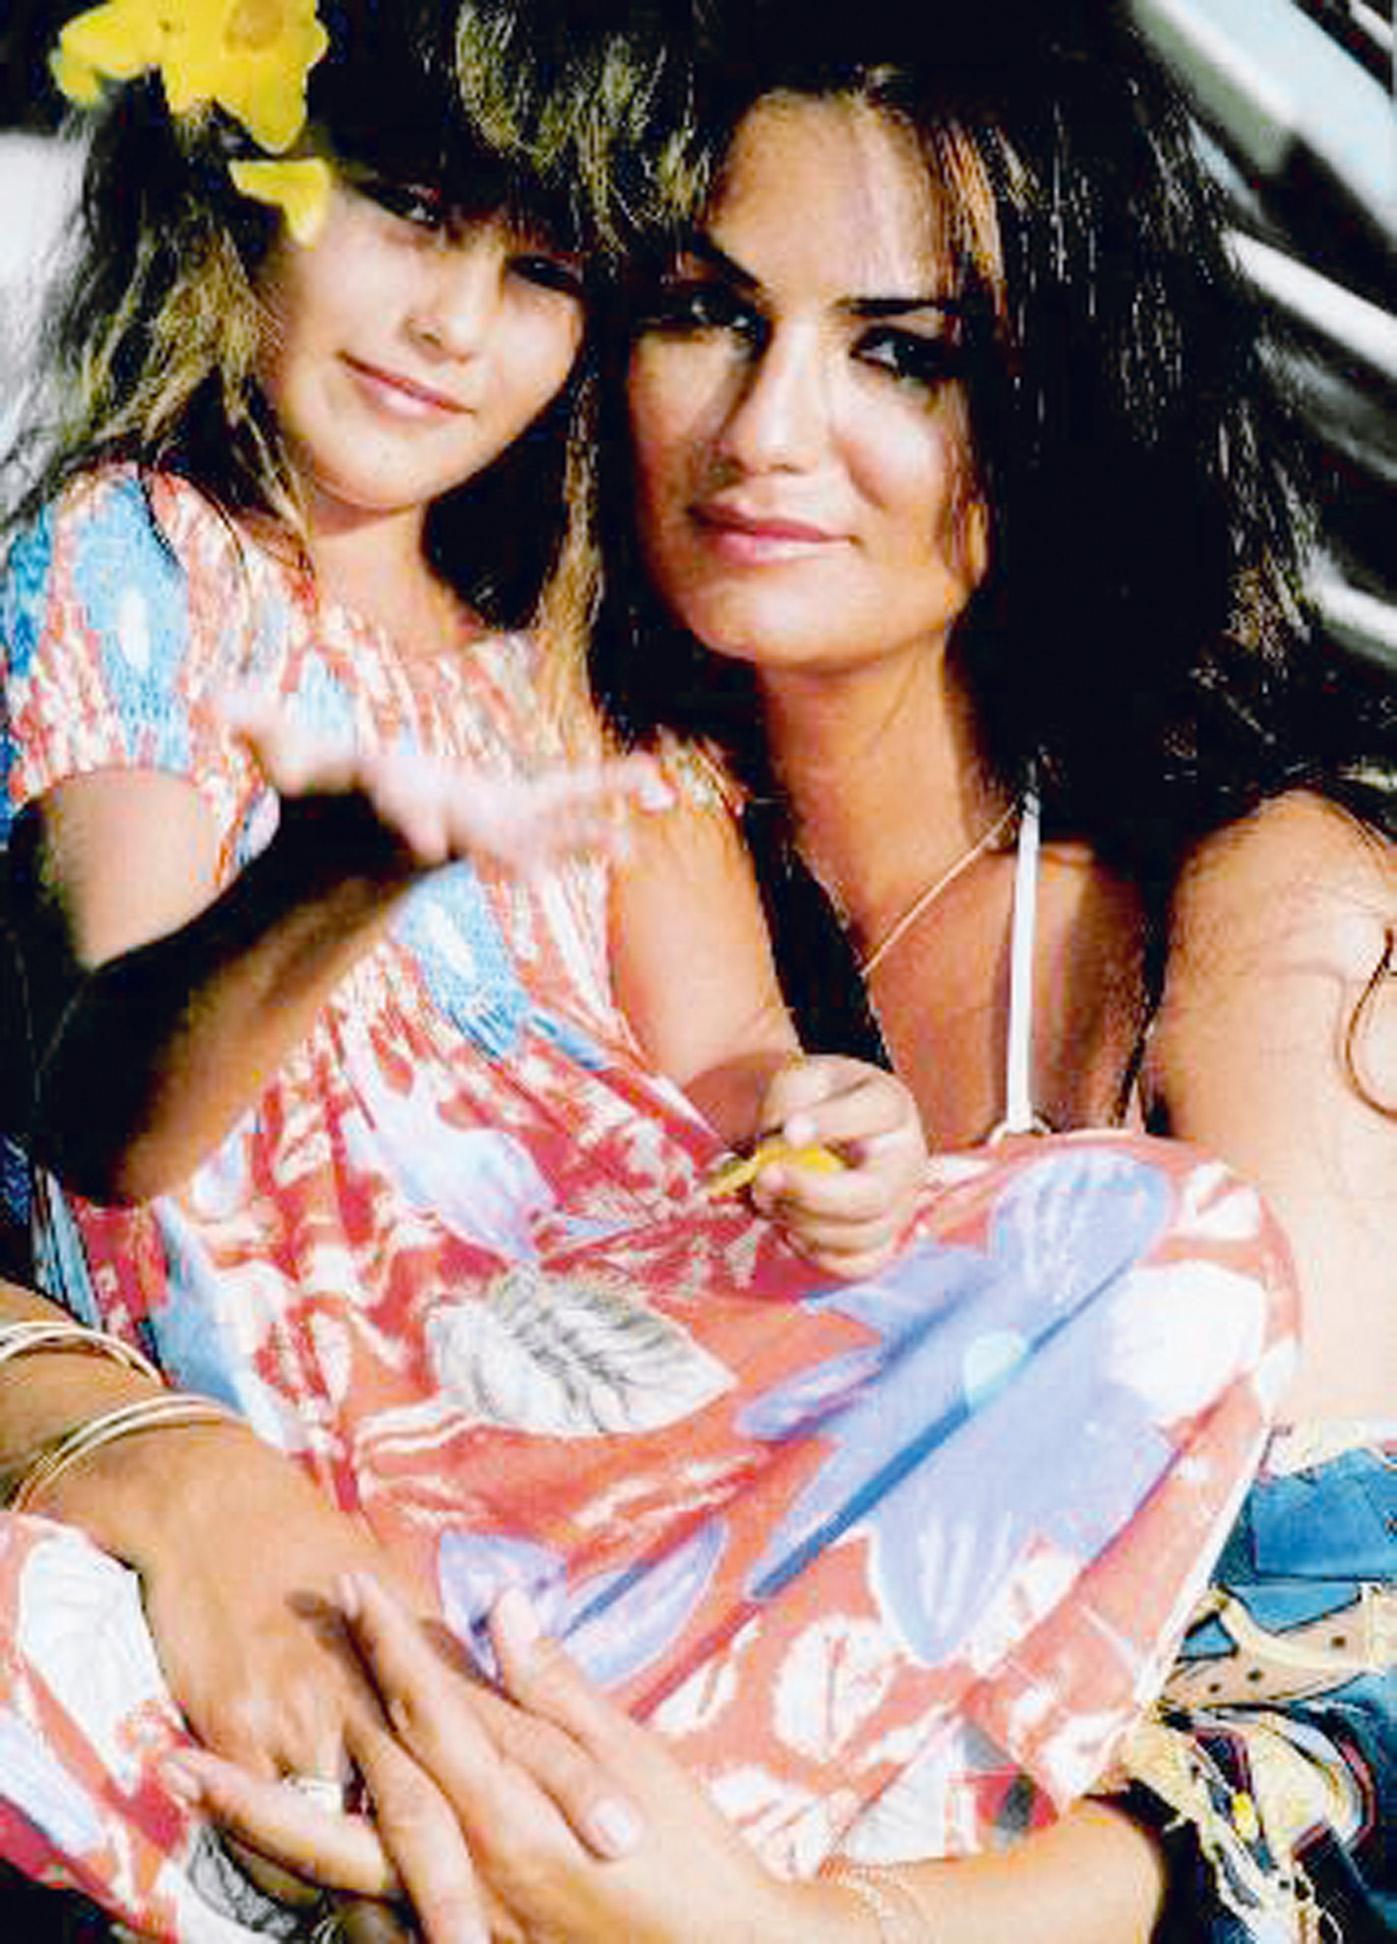 Posando com Yasmin, que já levava jeito para a profissão de modelo, aos 5 anos